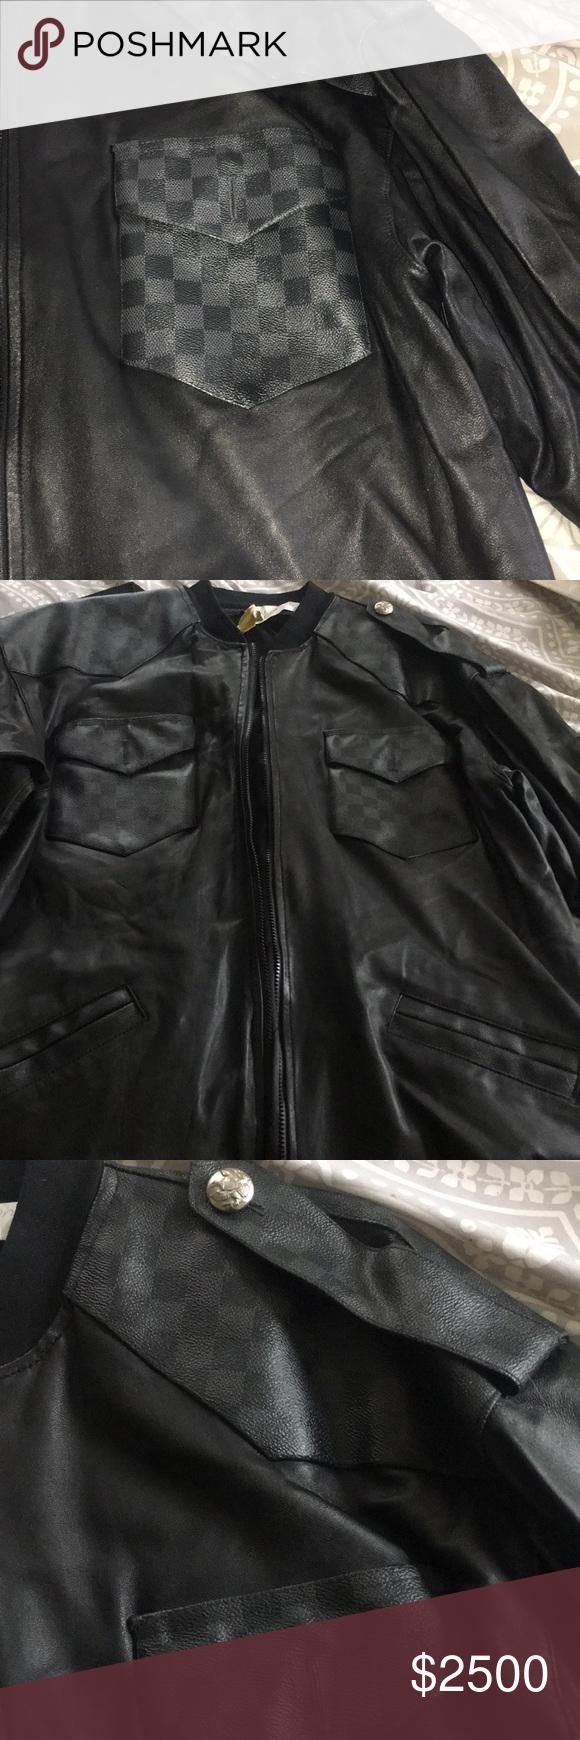 Men Louis Vuitton Leather Coat/Jacket Authentic Black